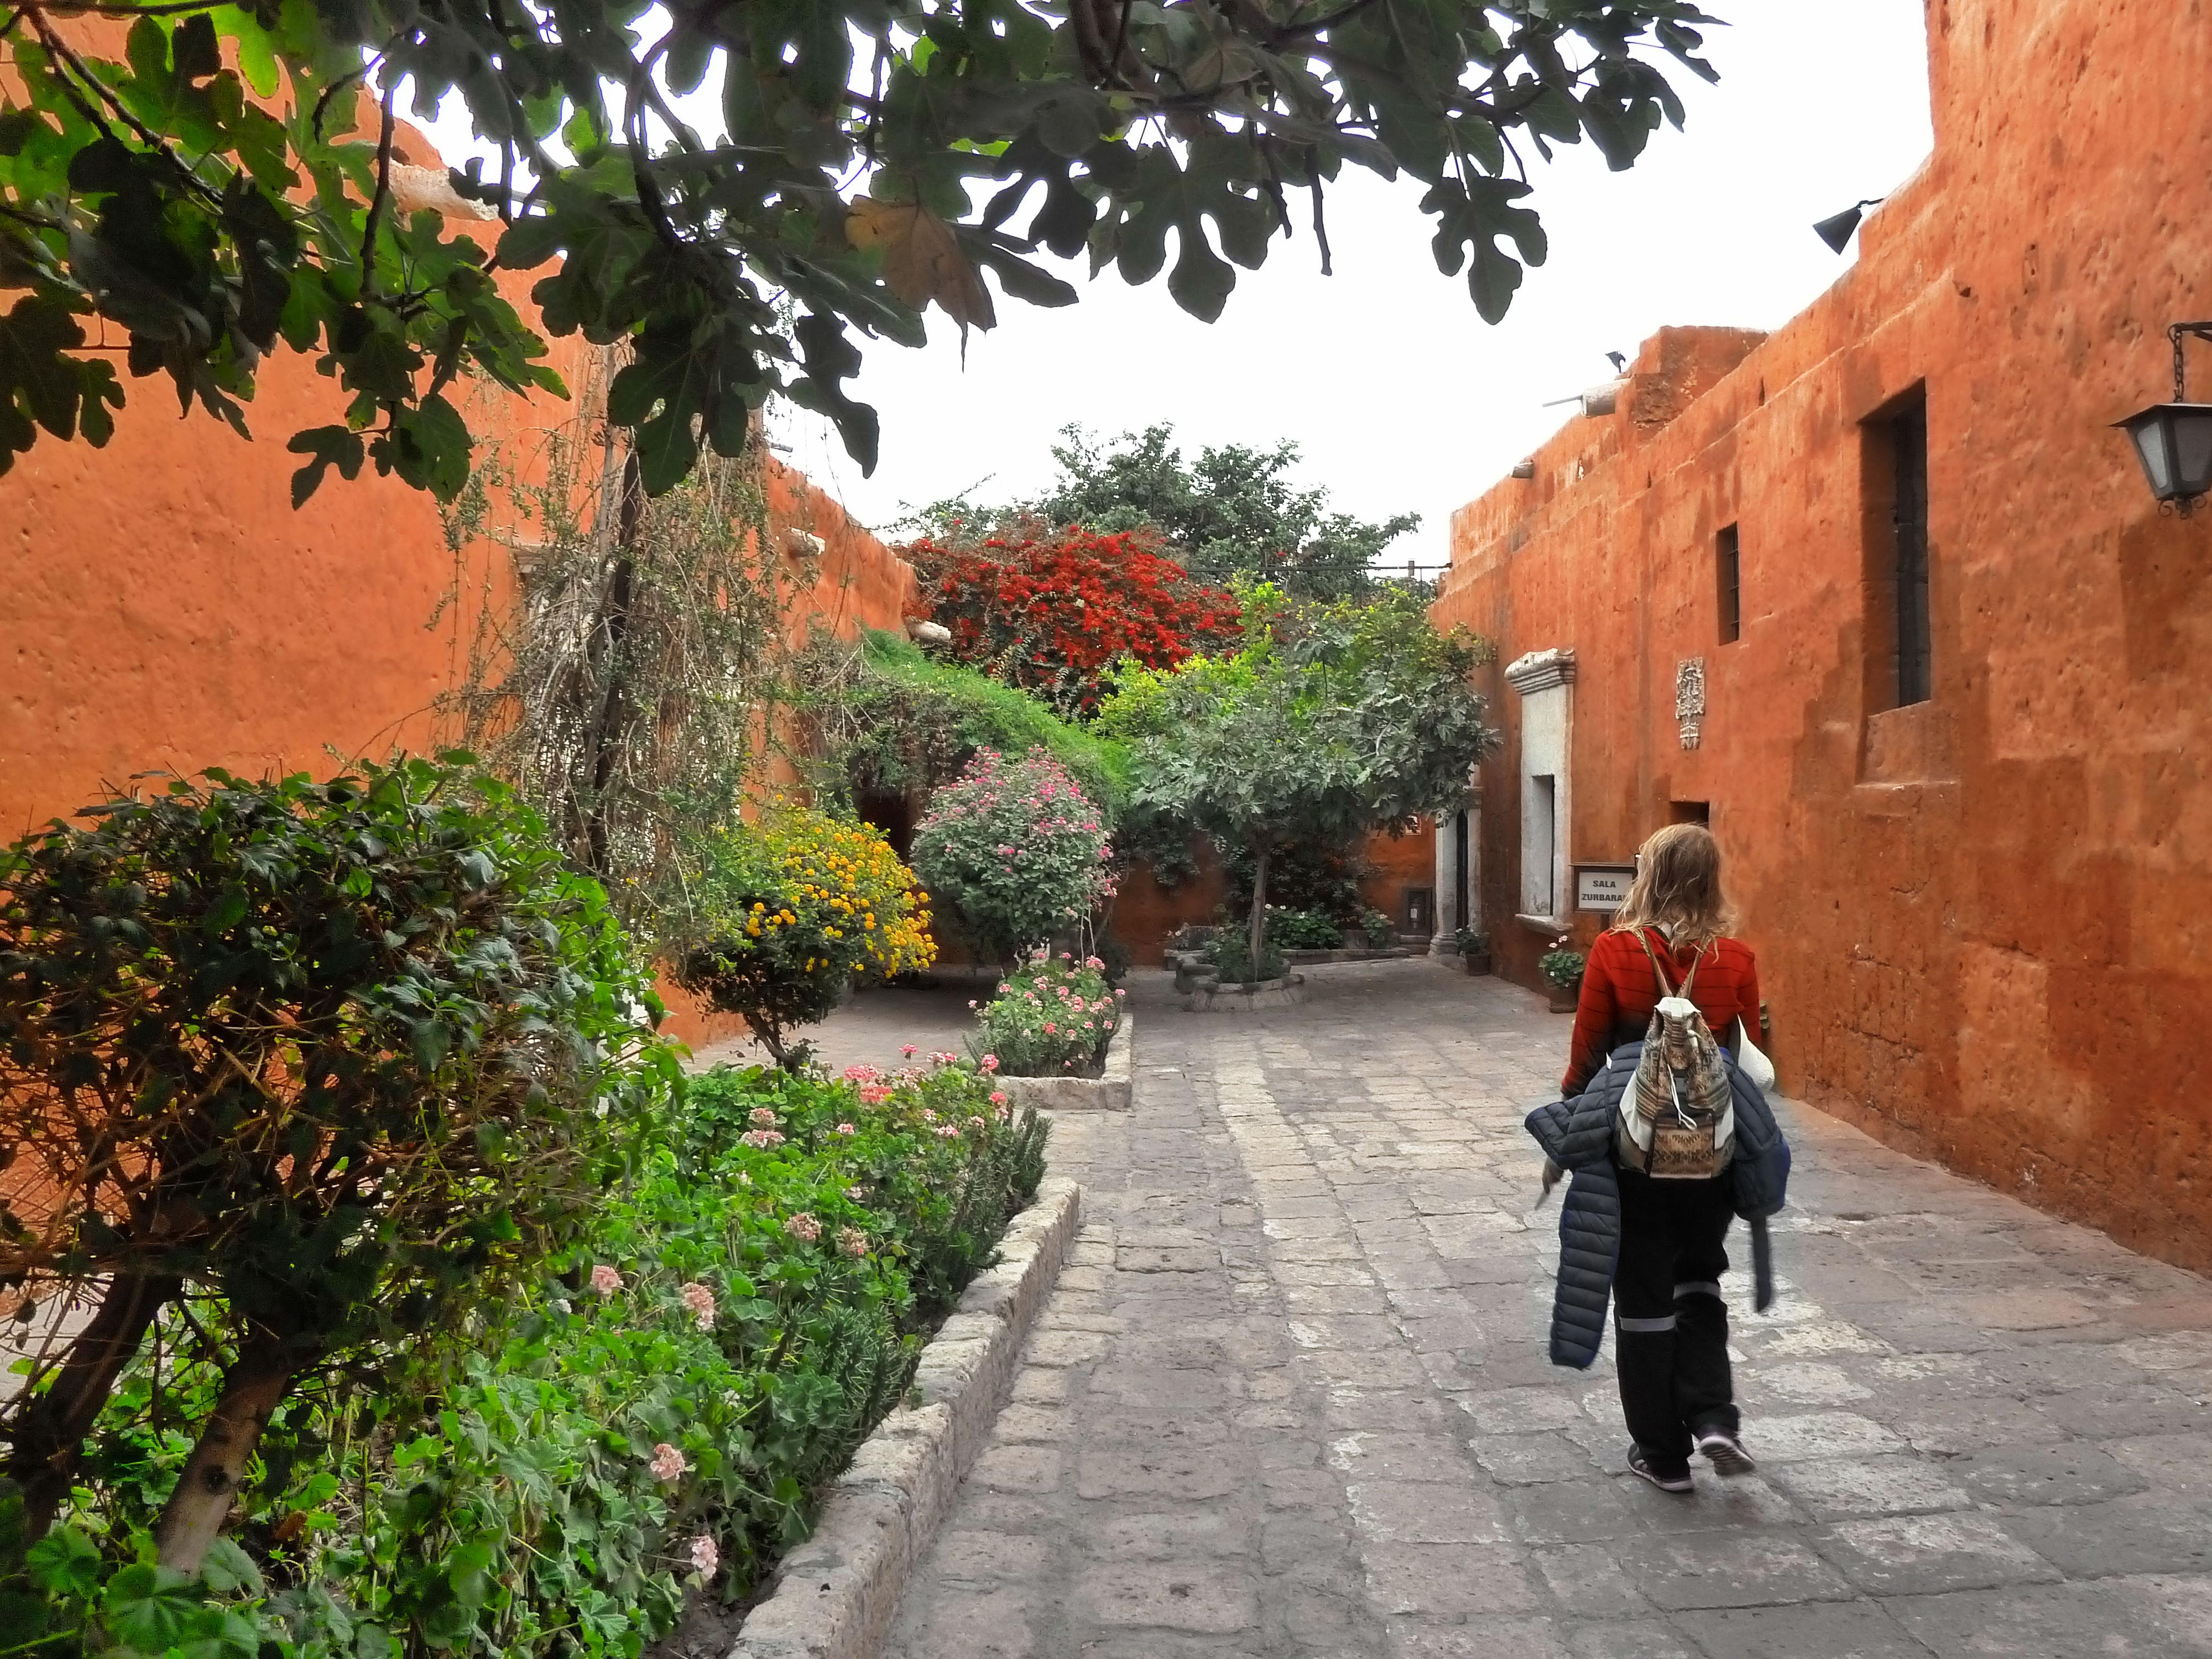 monasterio-de-santa-catalina-2